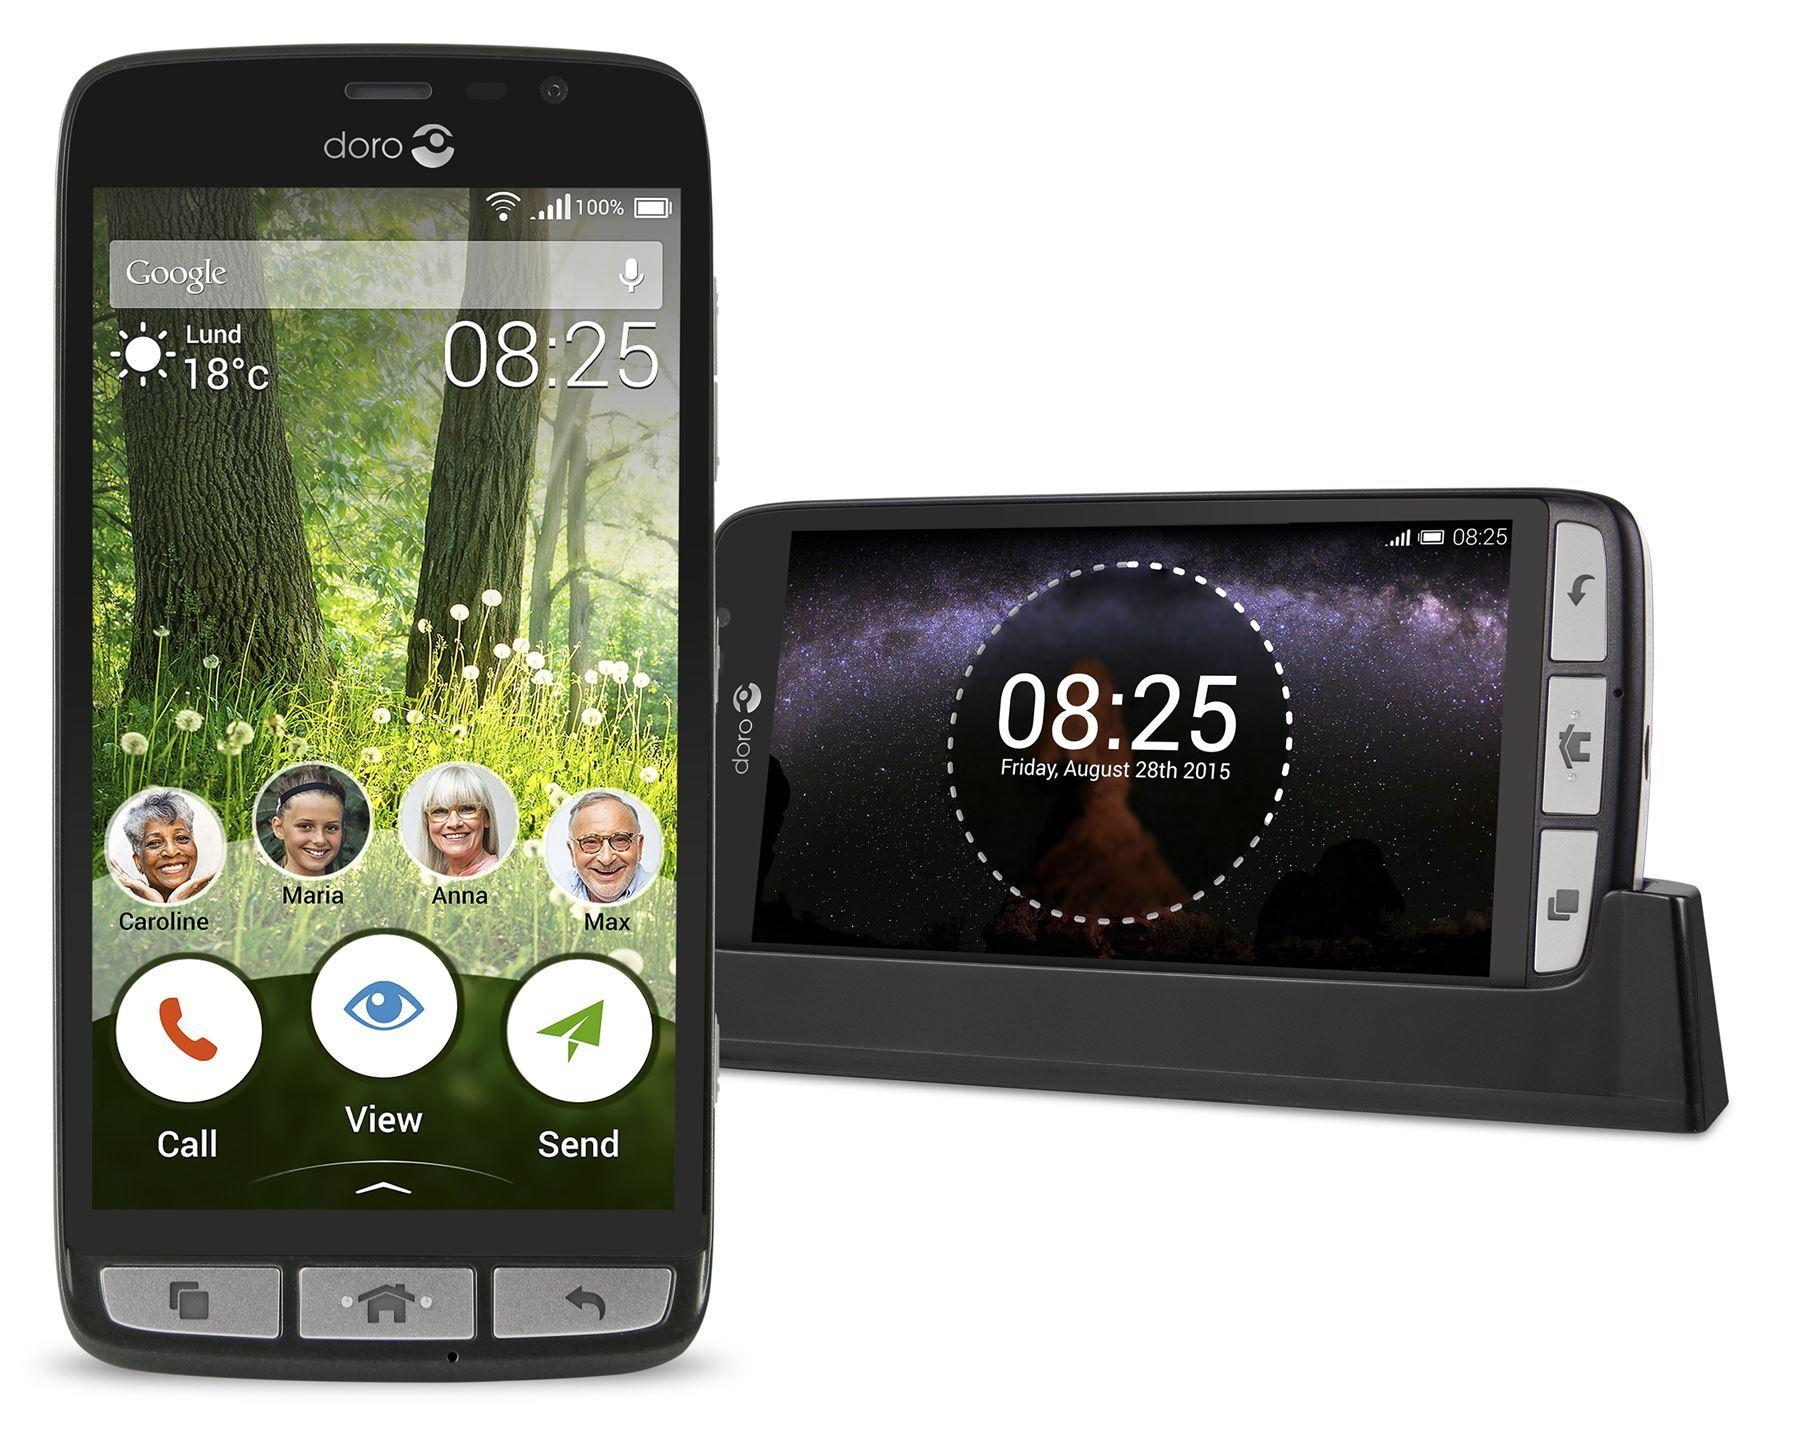 Doro Liberto 825 Black 8Gb Brand New Condition Unlocked 8Mp Camera